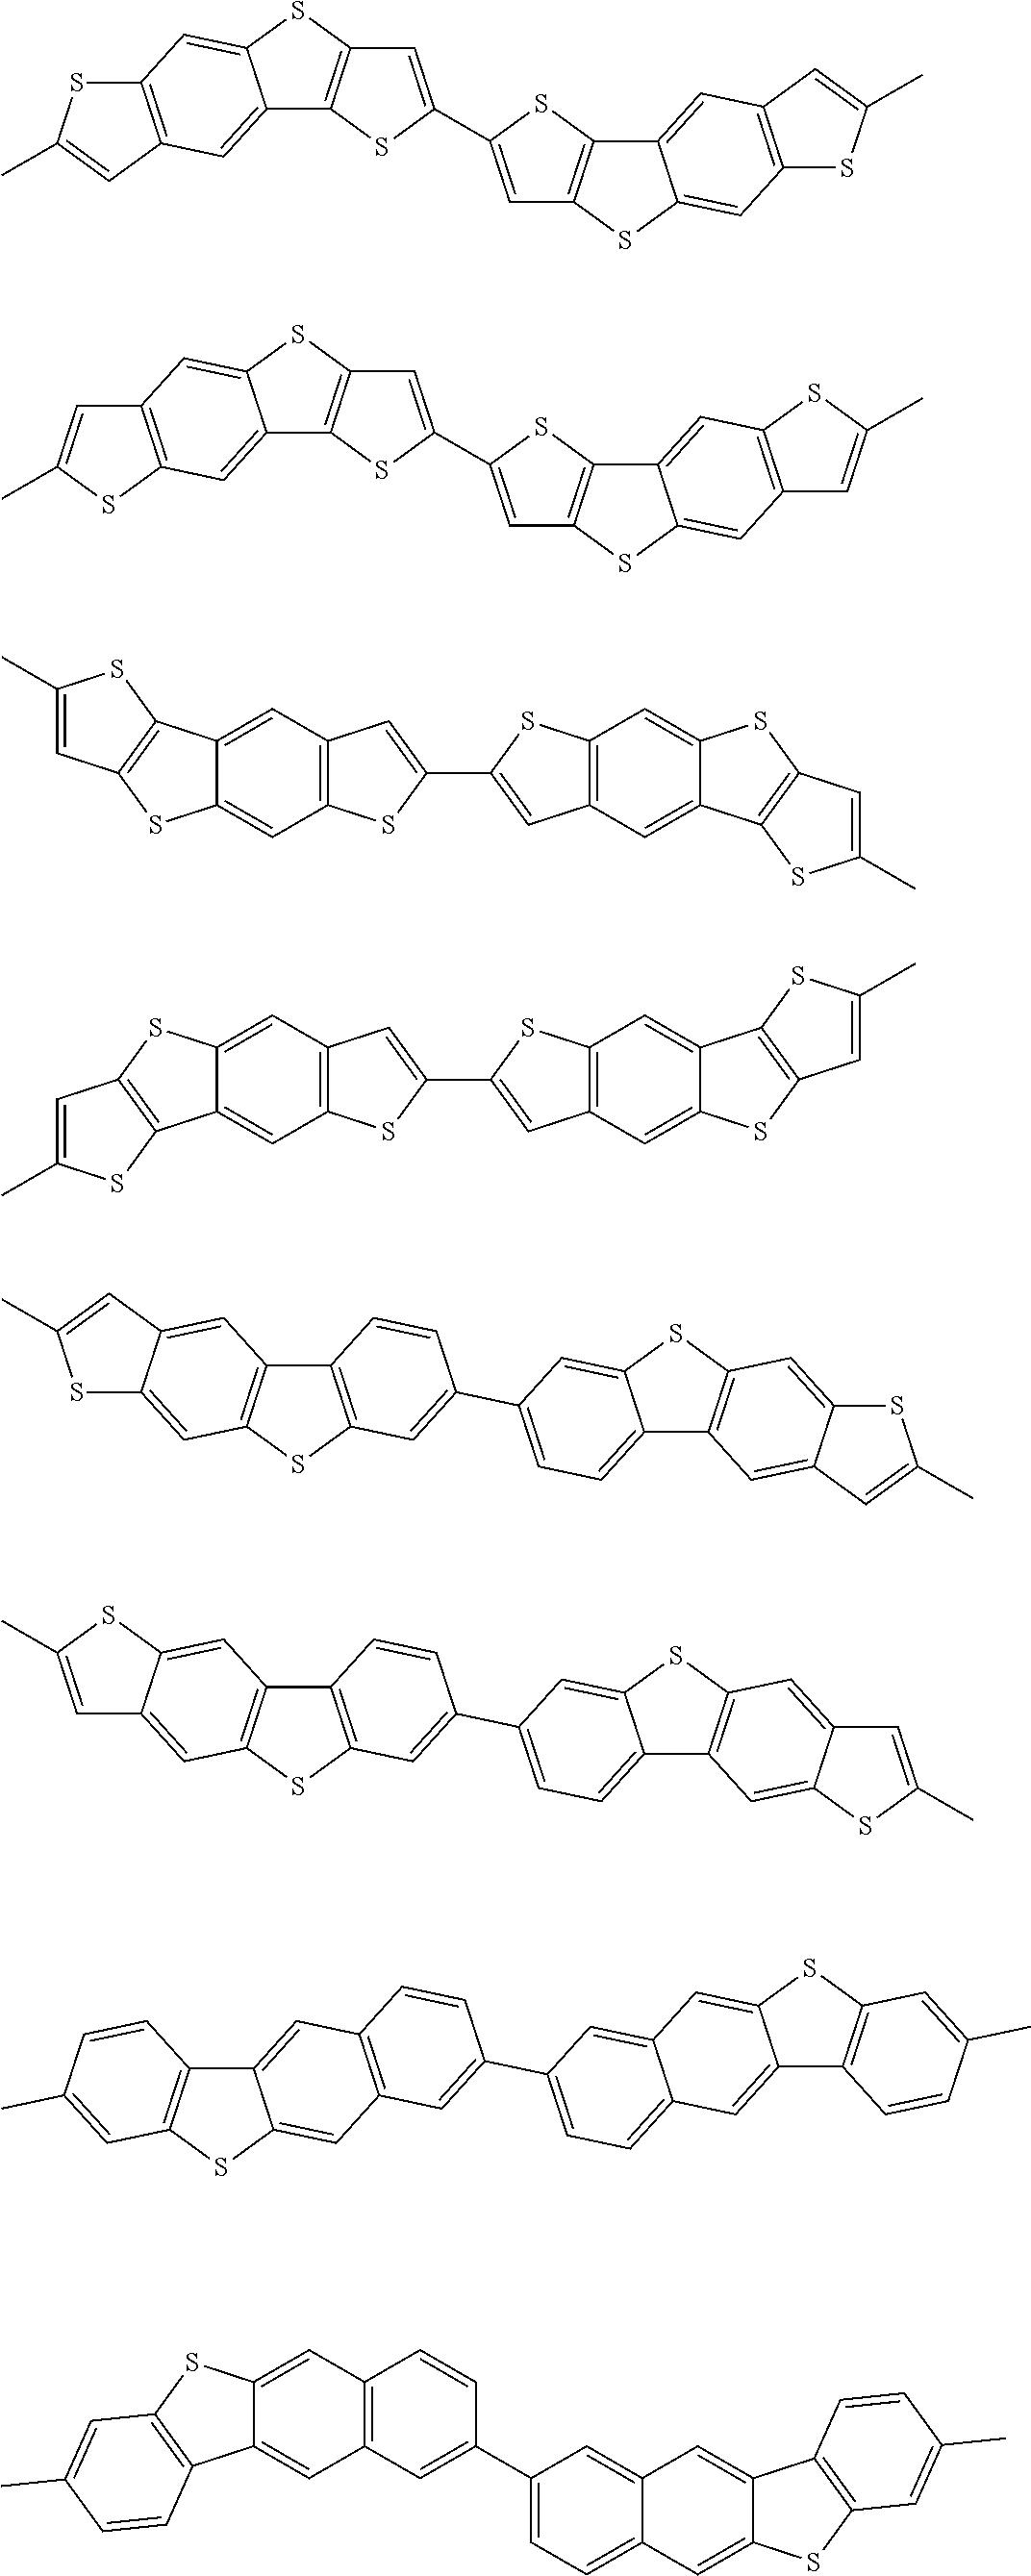 Figure US09985222-20180529-C00030